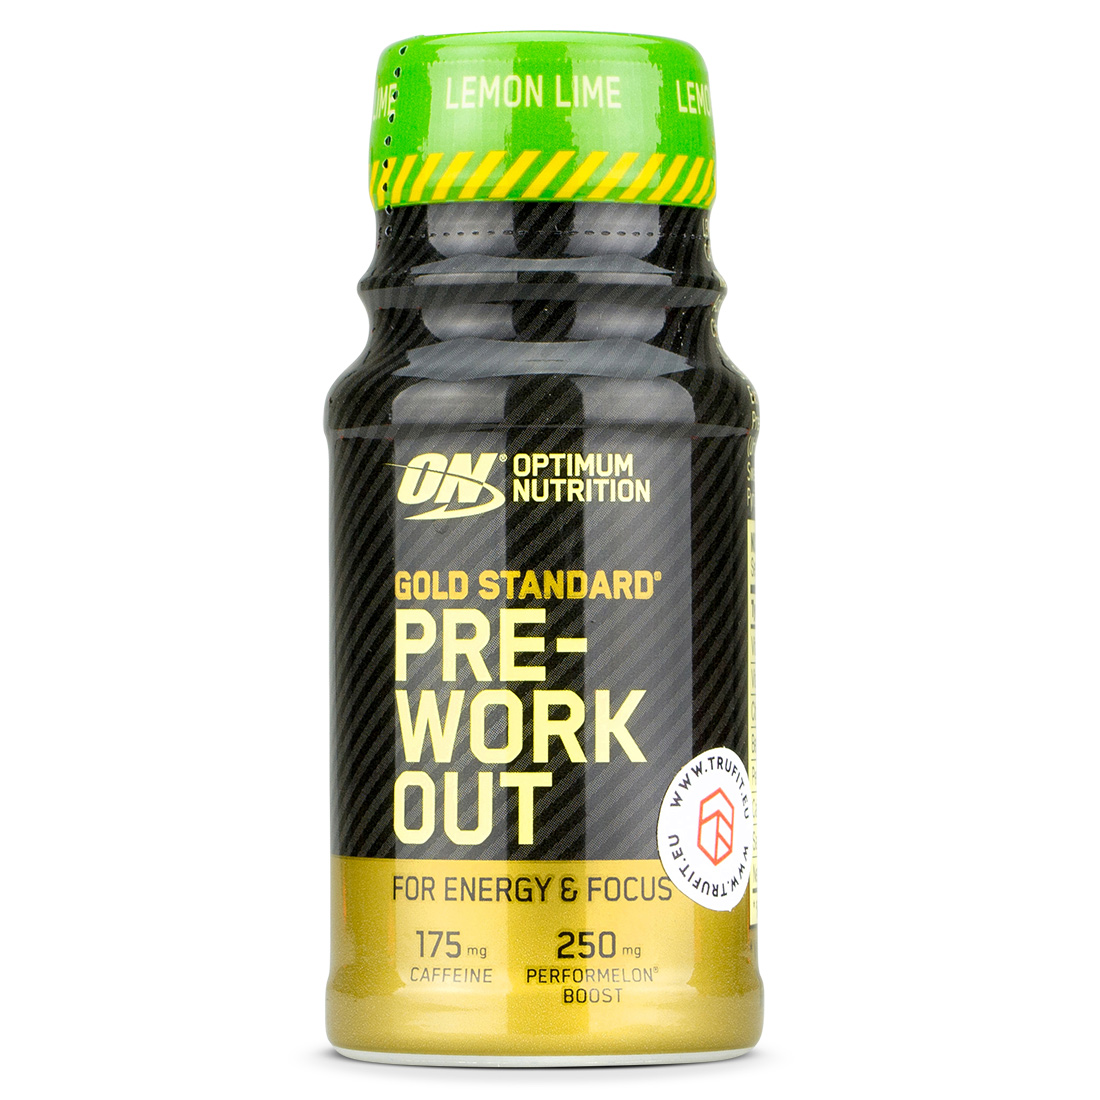 Optimum Nutrition - Pre-Workout Shot -